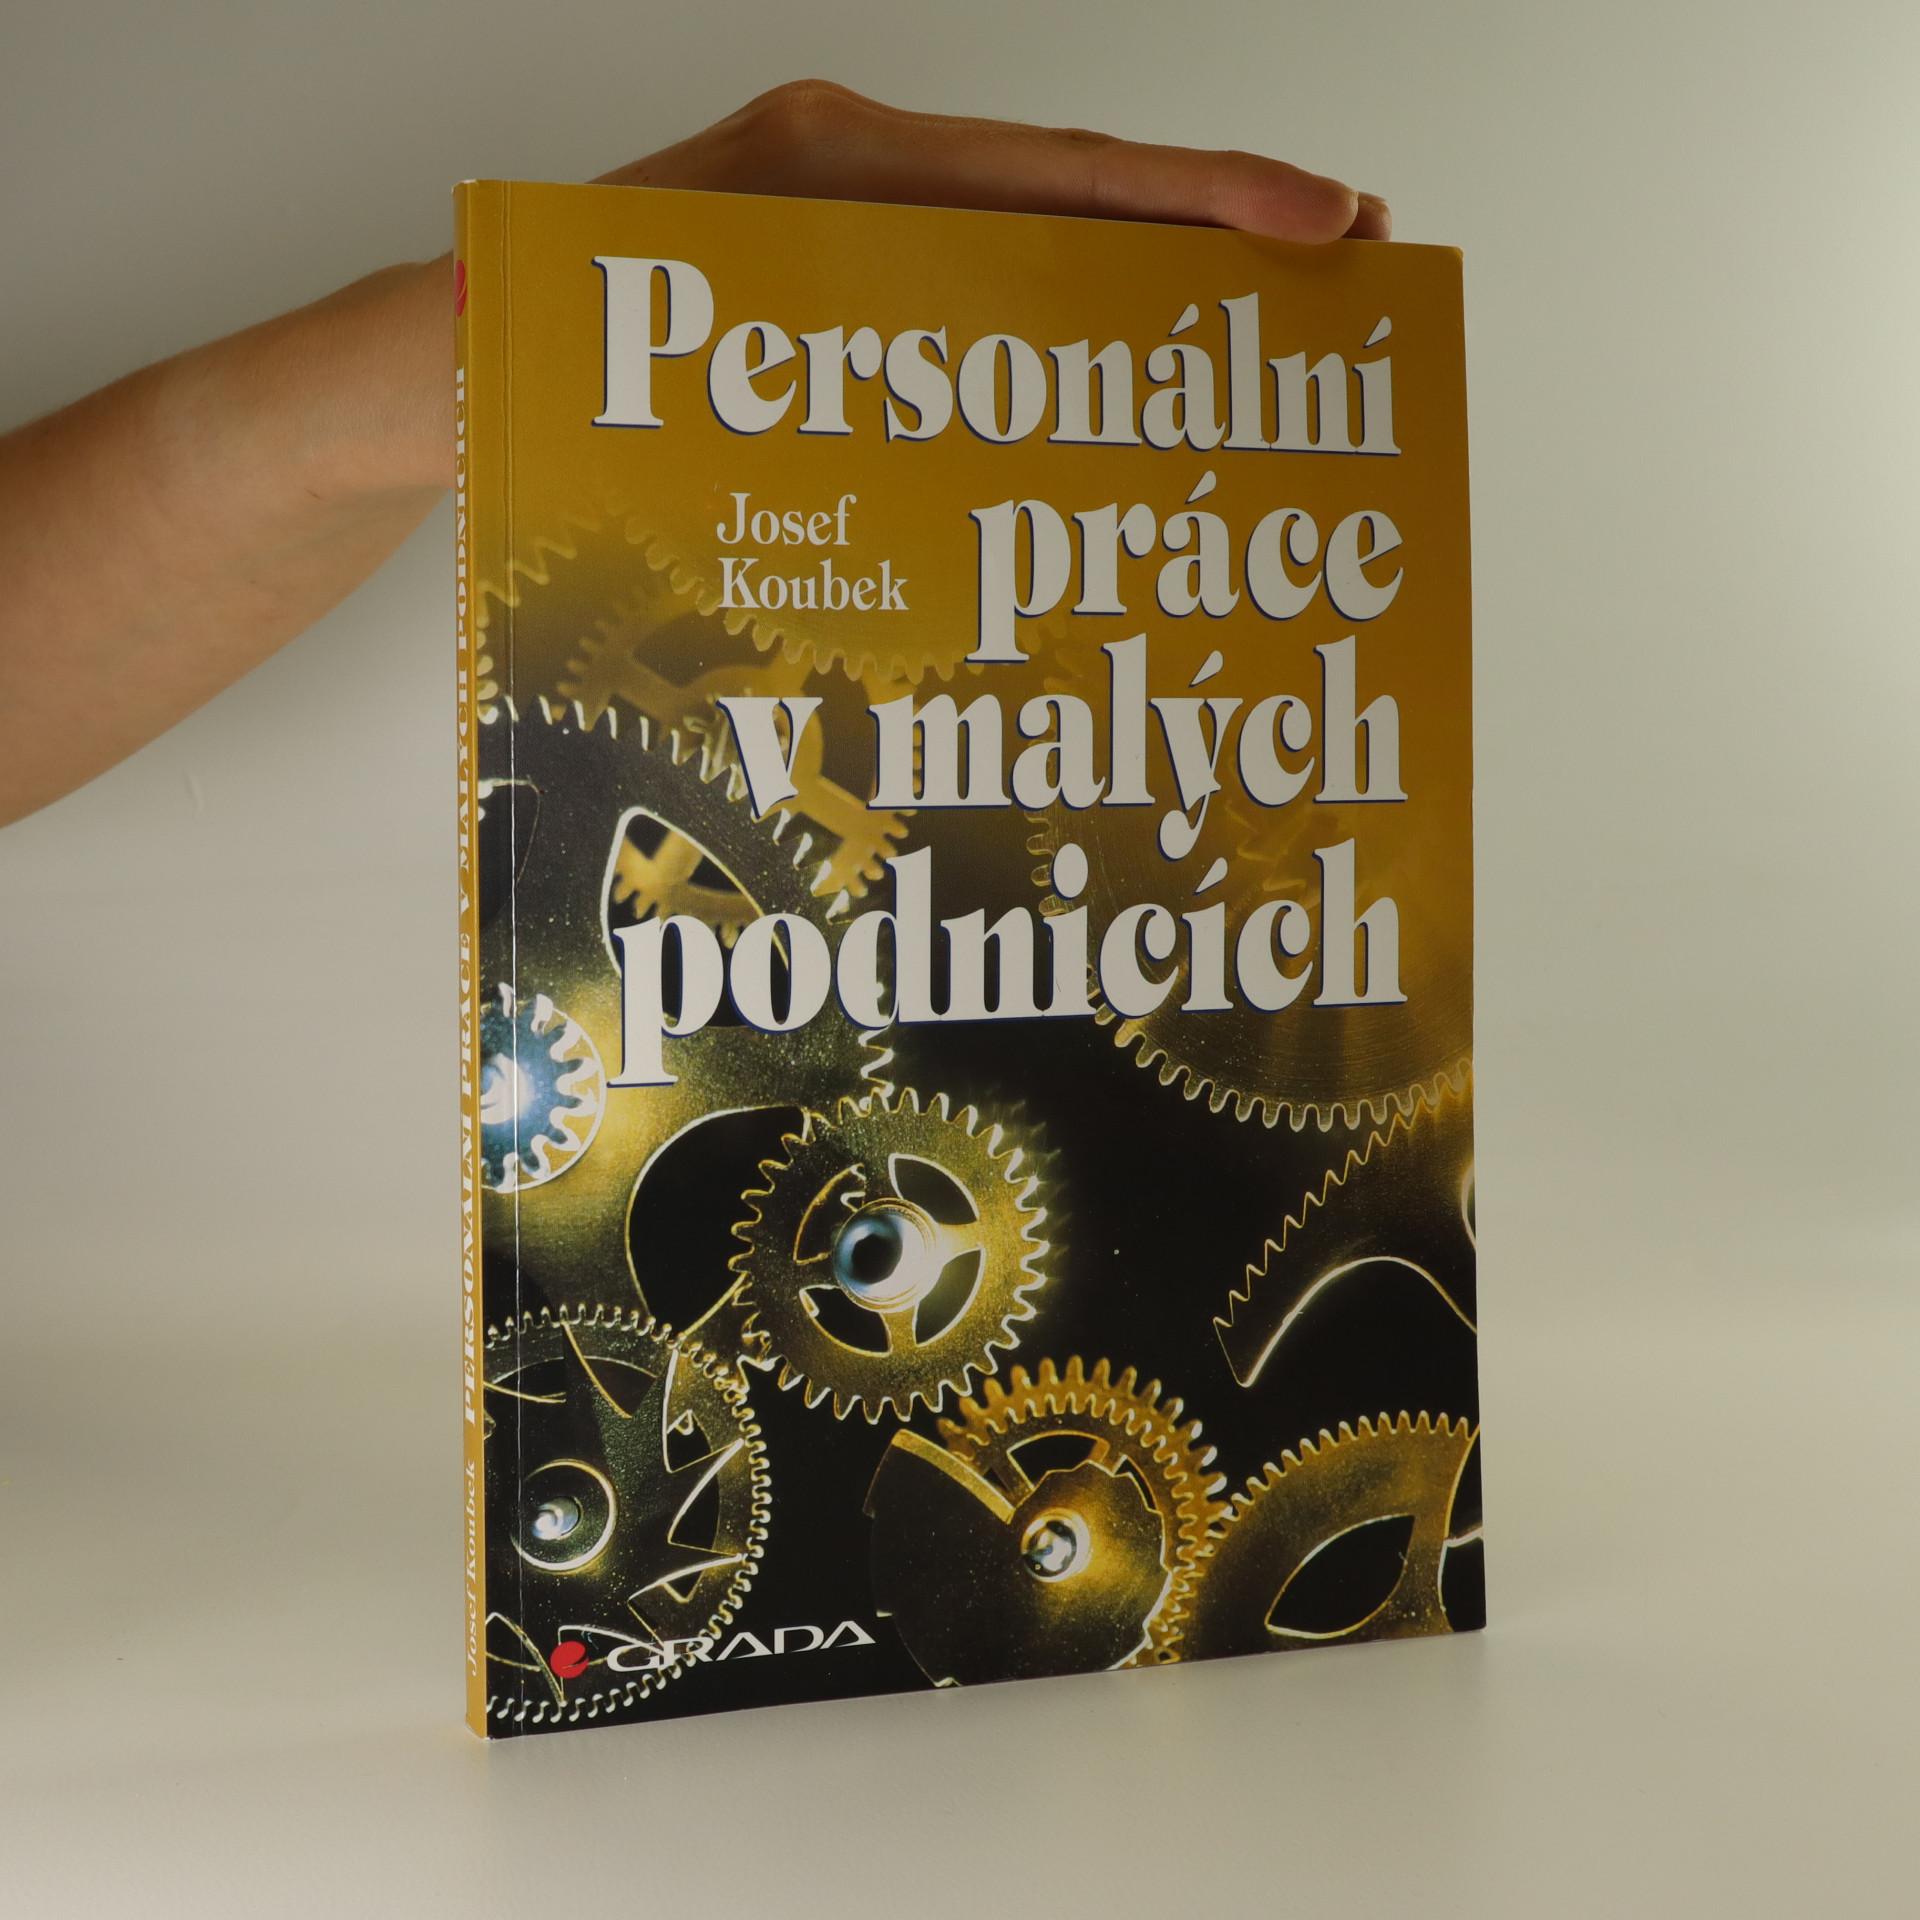 antikvární kniha Personální práce v malých podnicích, 1996